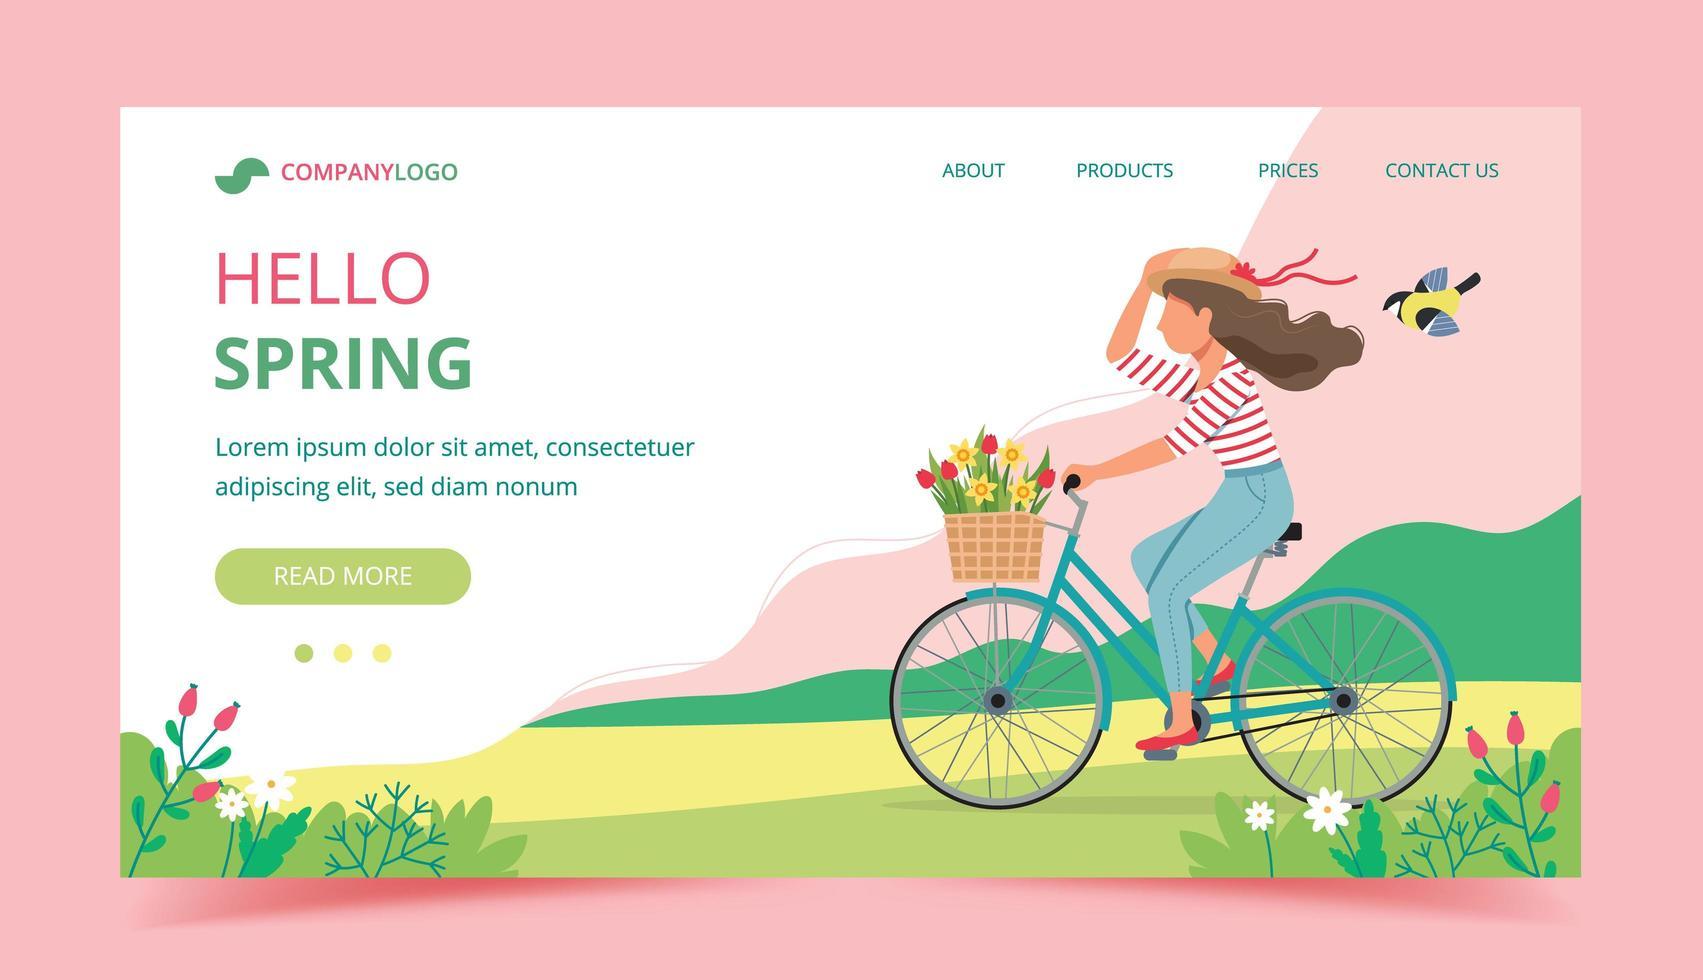 hola página de aterrizaje de primavera con mujer montando bicicleta vector